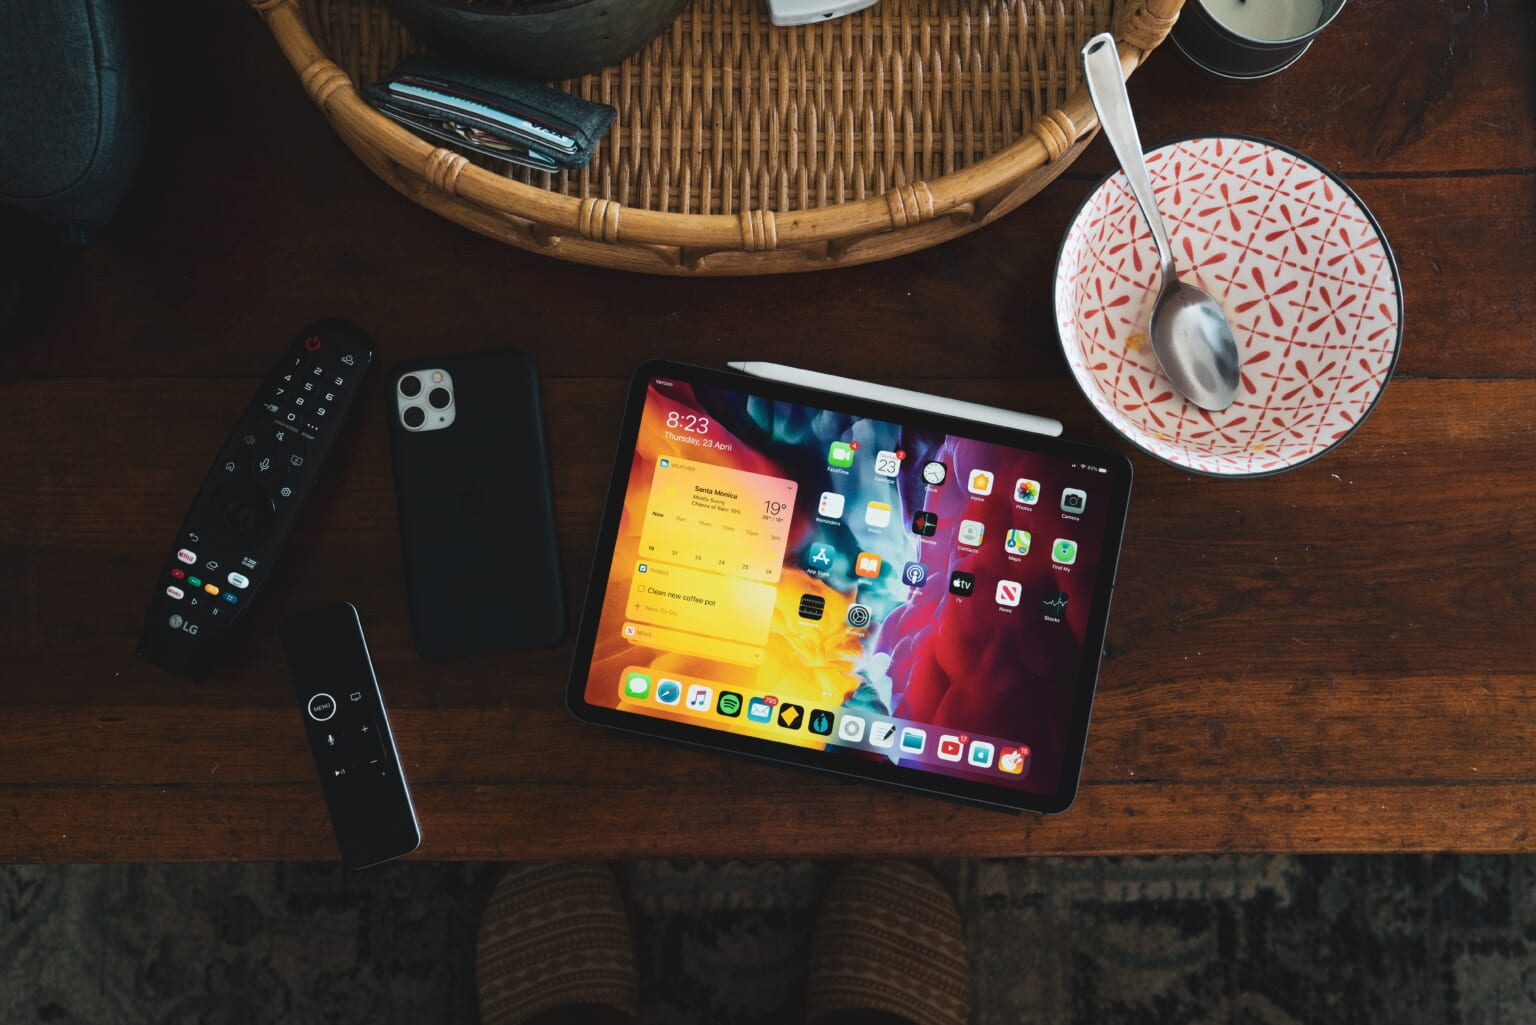 【2021年】iPad Proの『容量は128GB』がおすすめな理由 - FatGreed